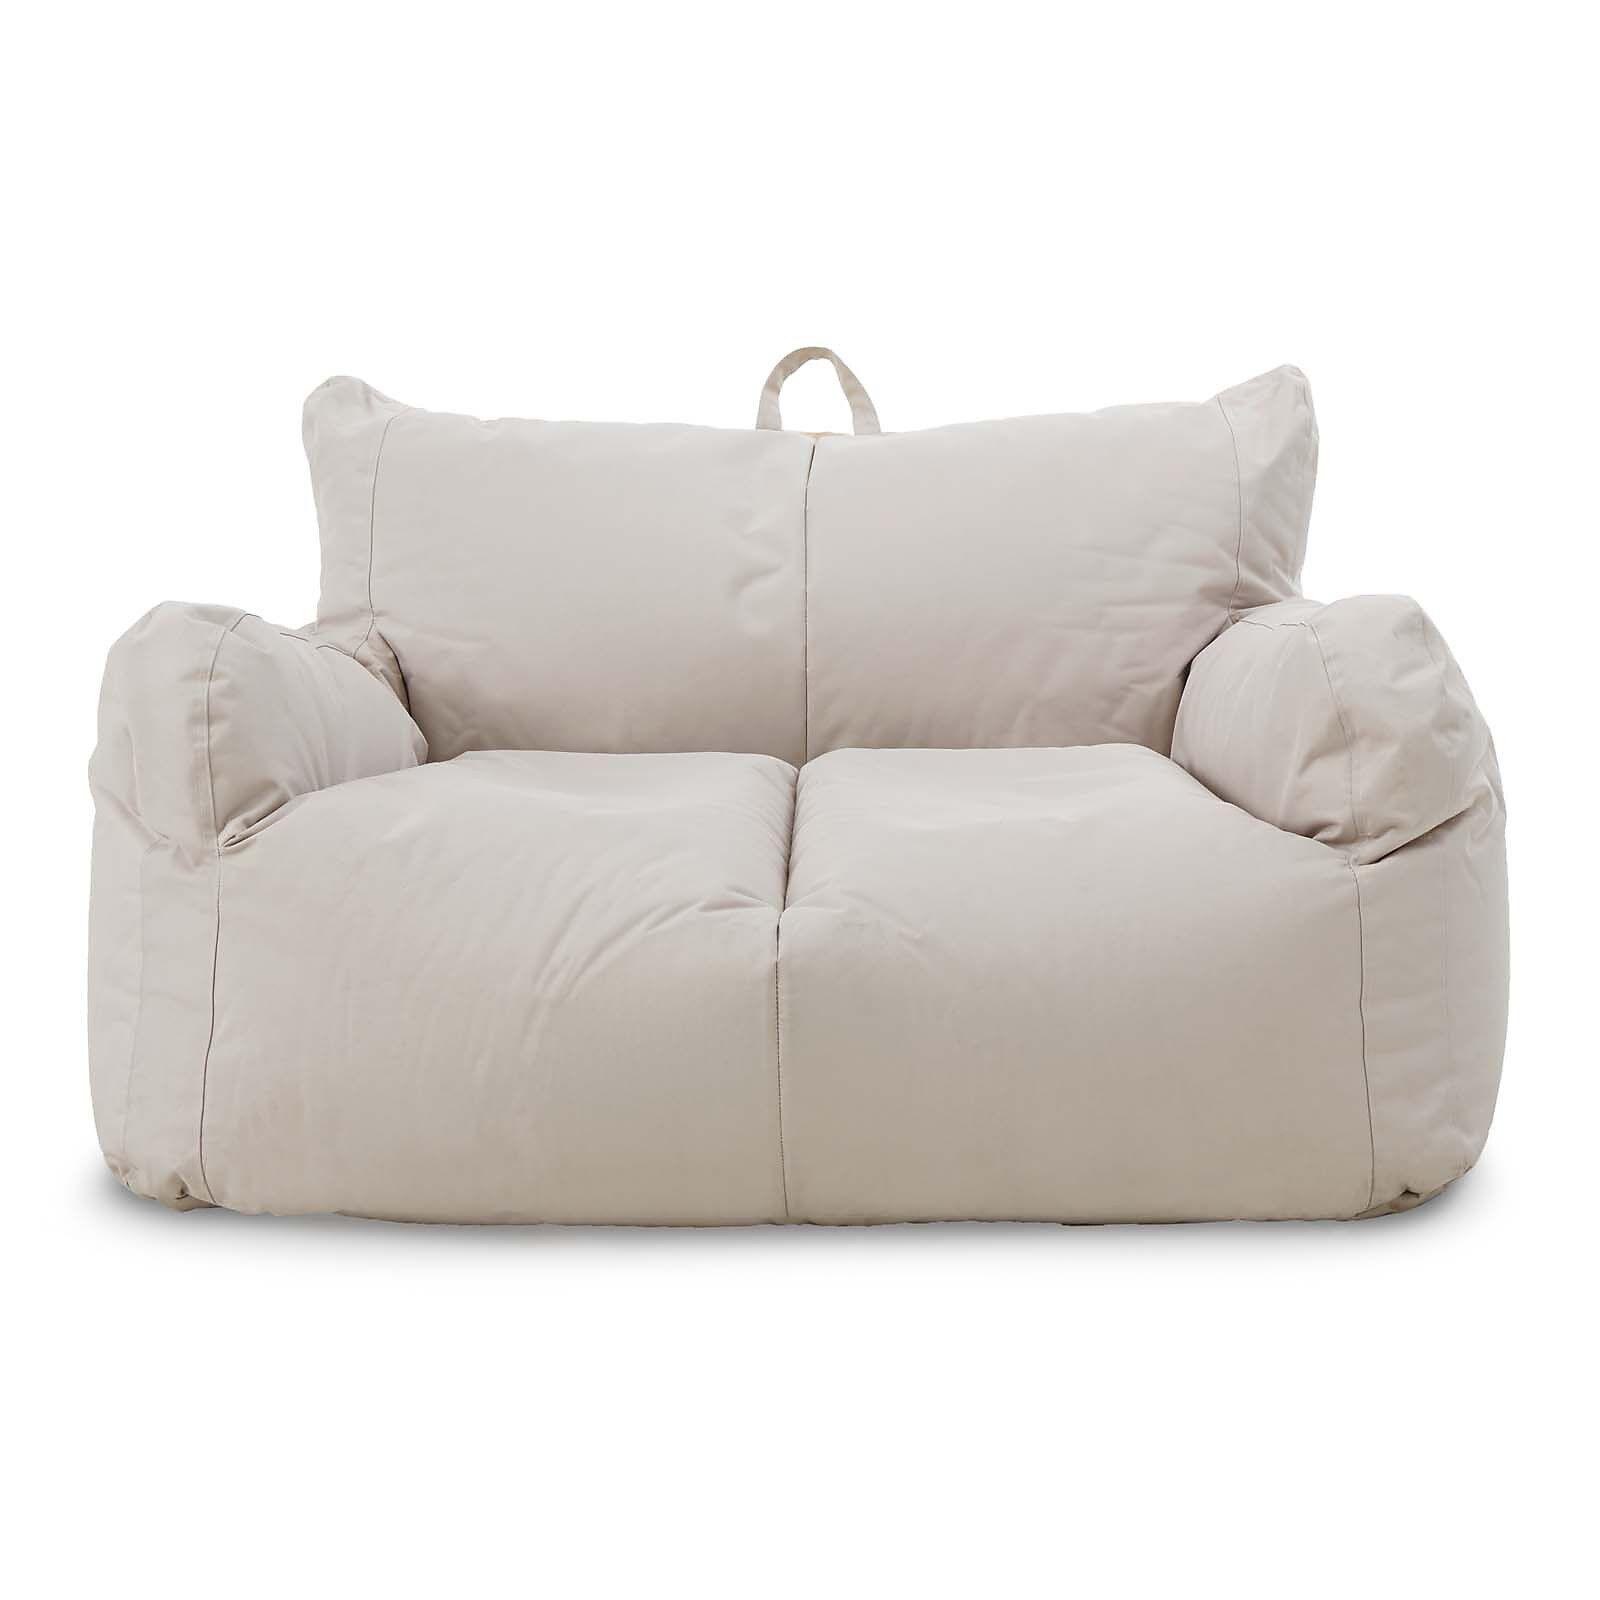 einrichtungsideen mit sitzsack sitzgelegenheit, sitzsack couch – home sweet home, Ideen entwickeln